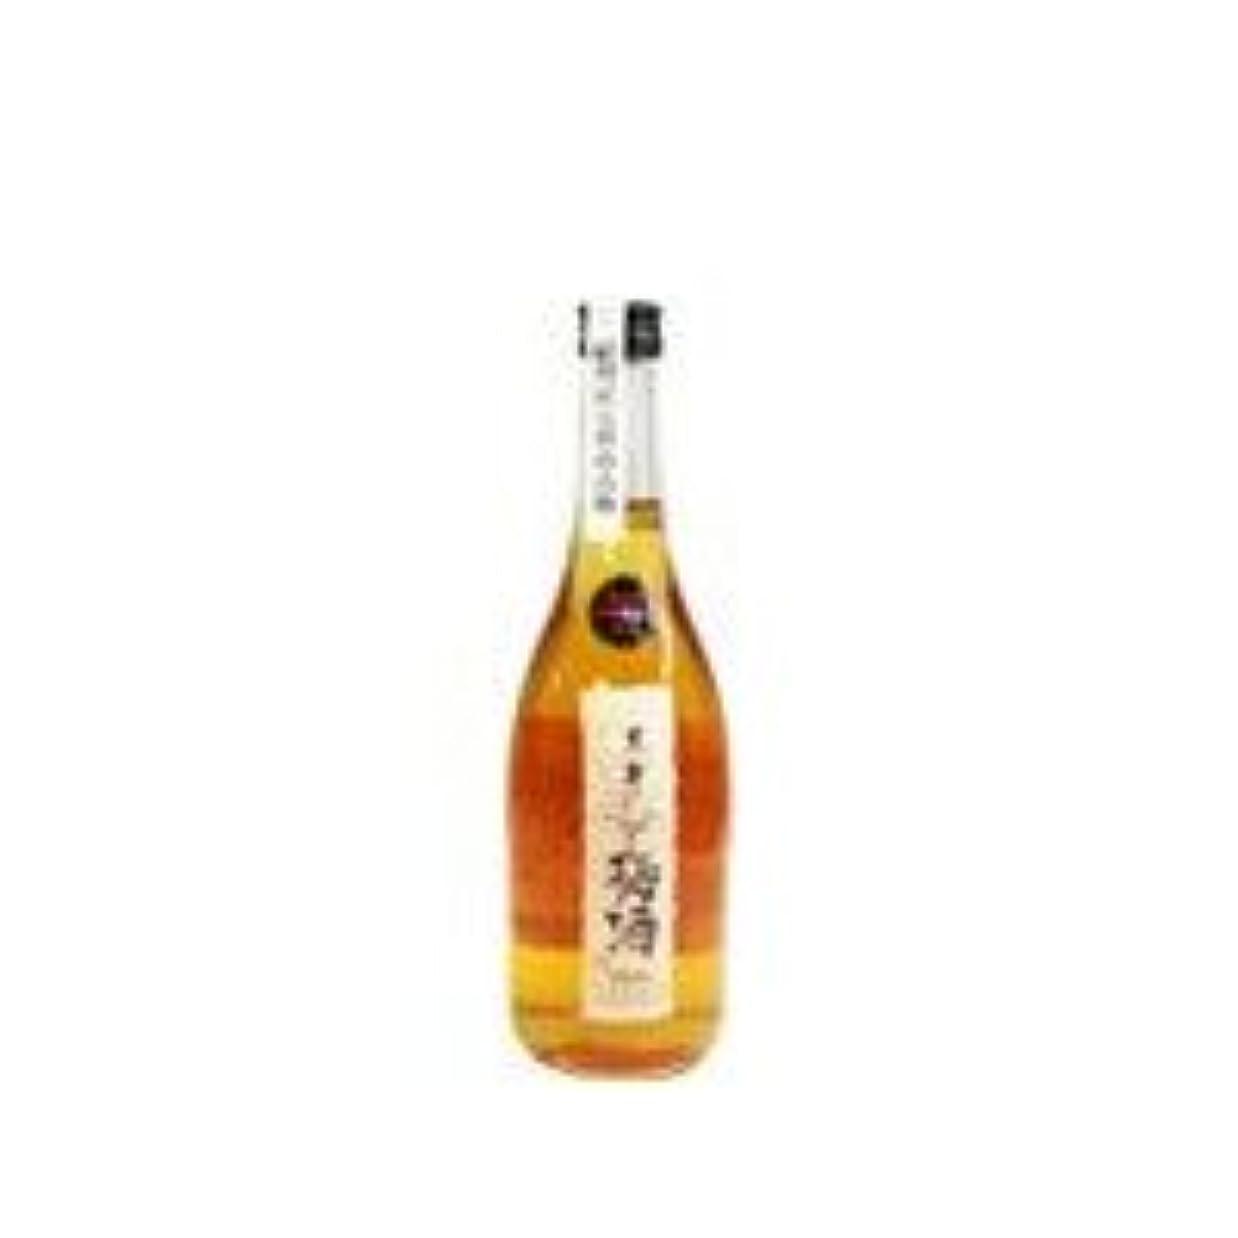 陰謀ぐったり第九名手酒造 黒牛 梅酒/720ml 和歌山海南